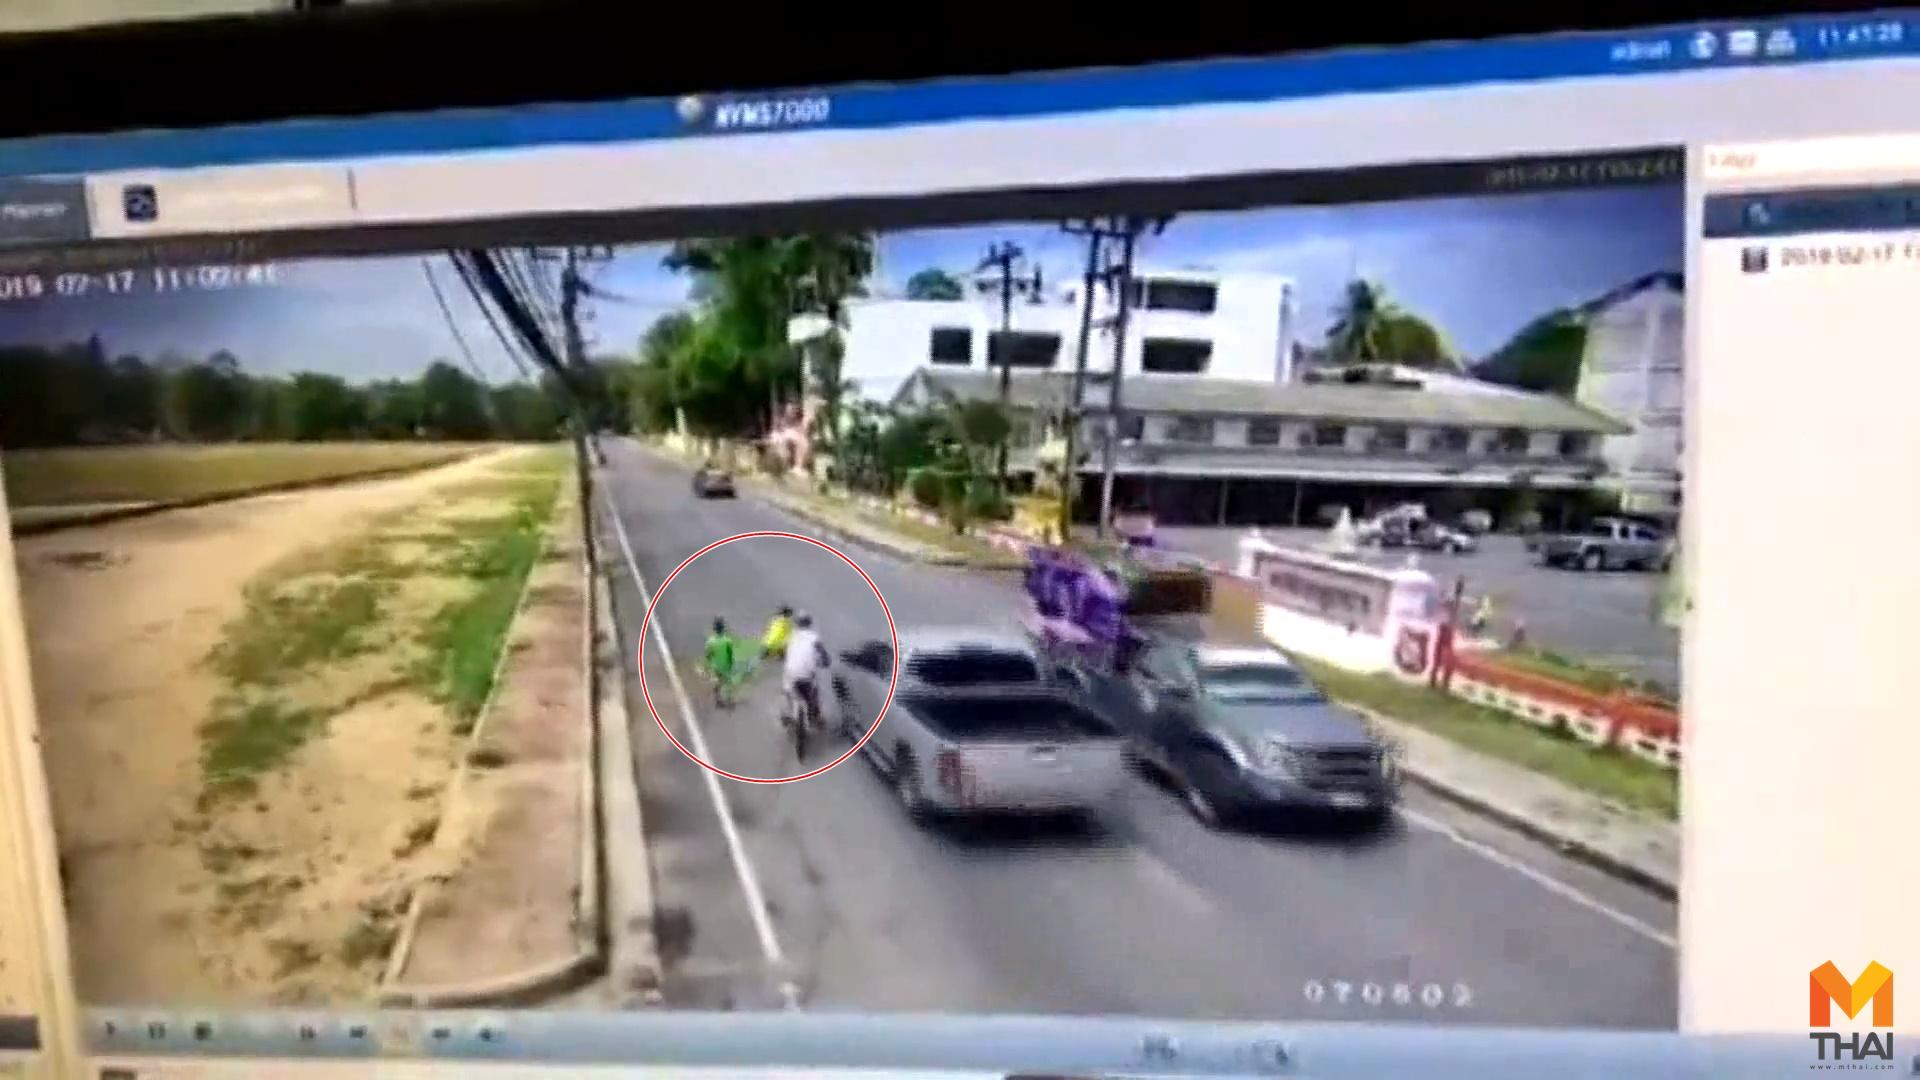 ข่าวภูมิภาค อุบัติเหตุ เด็กวิ่งตัดหน้า